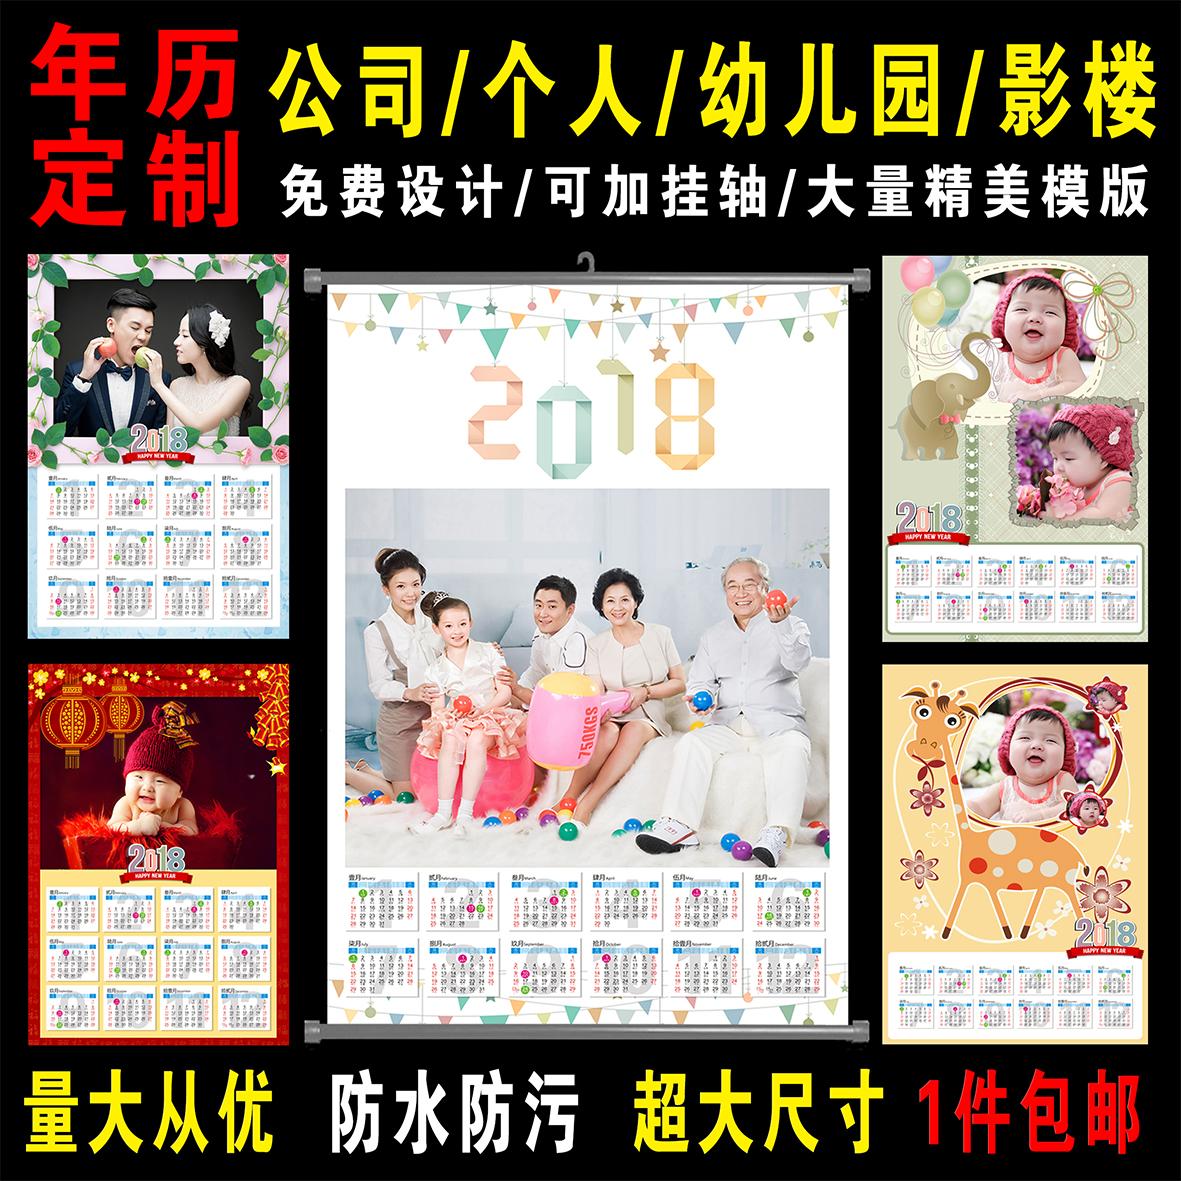 2018 один Чжан Лили детские Календарь календарей для персонализации календарей Сделай сам календарь календаря изготовление на заказ / на заказ